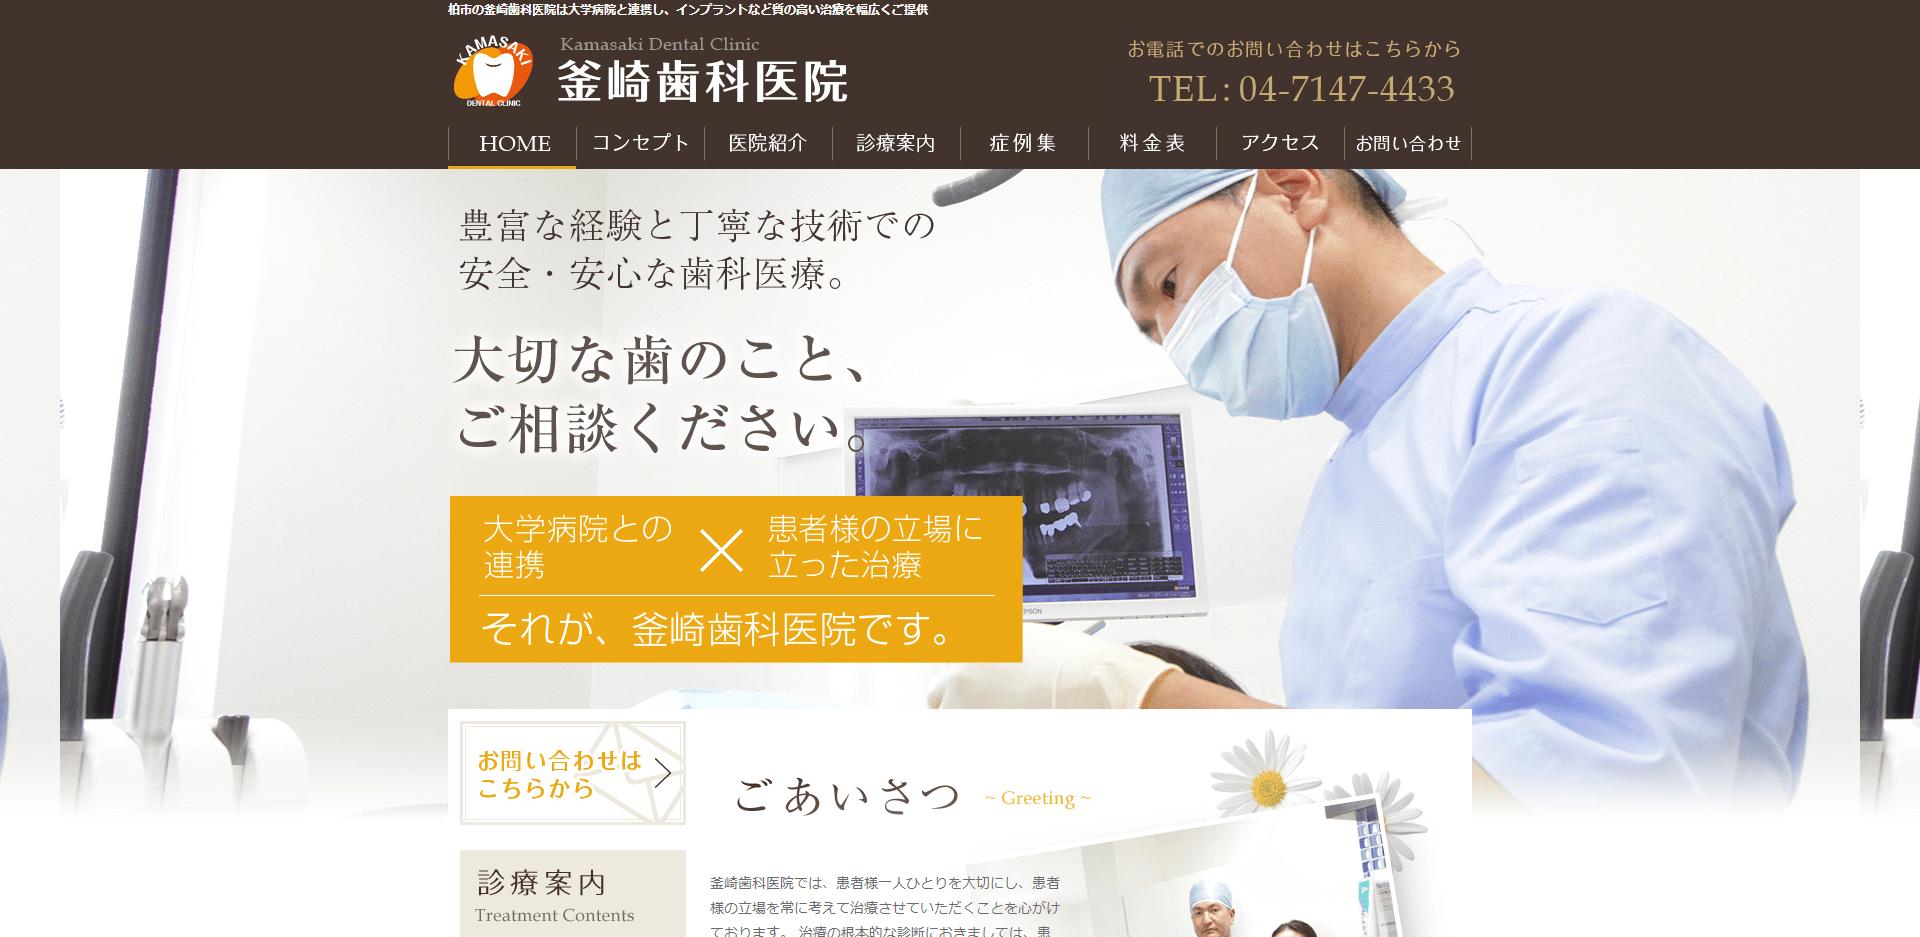 釜崎歯科医院(サイトイメージ)